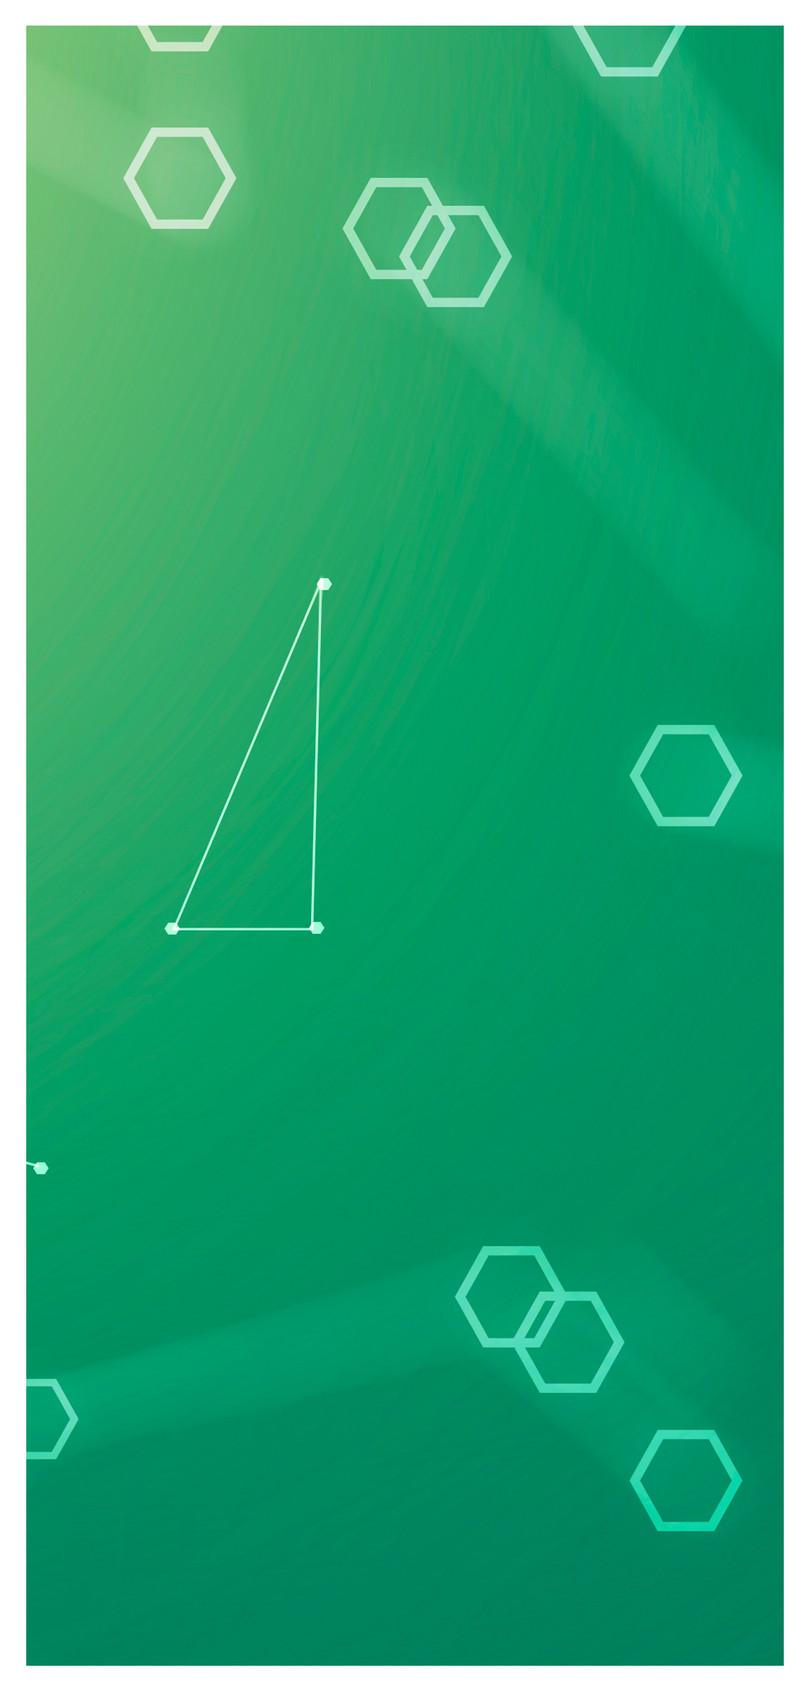 シンプルなグリーンテクノロジーラインの携帯電話の壁紙イメージ 背景